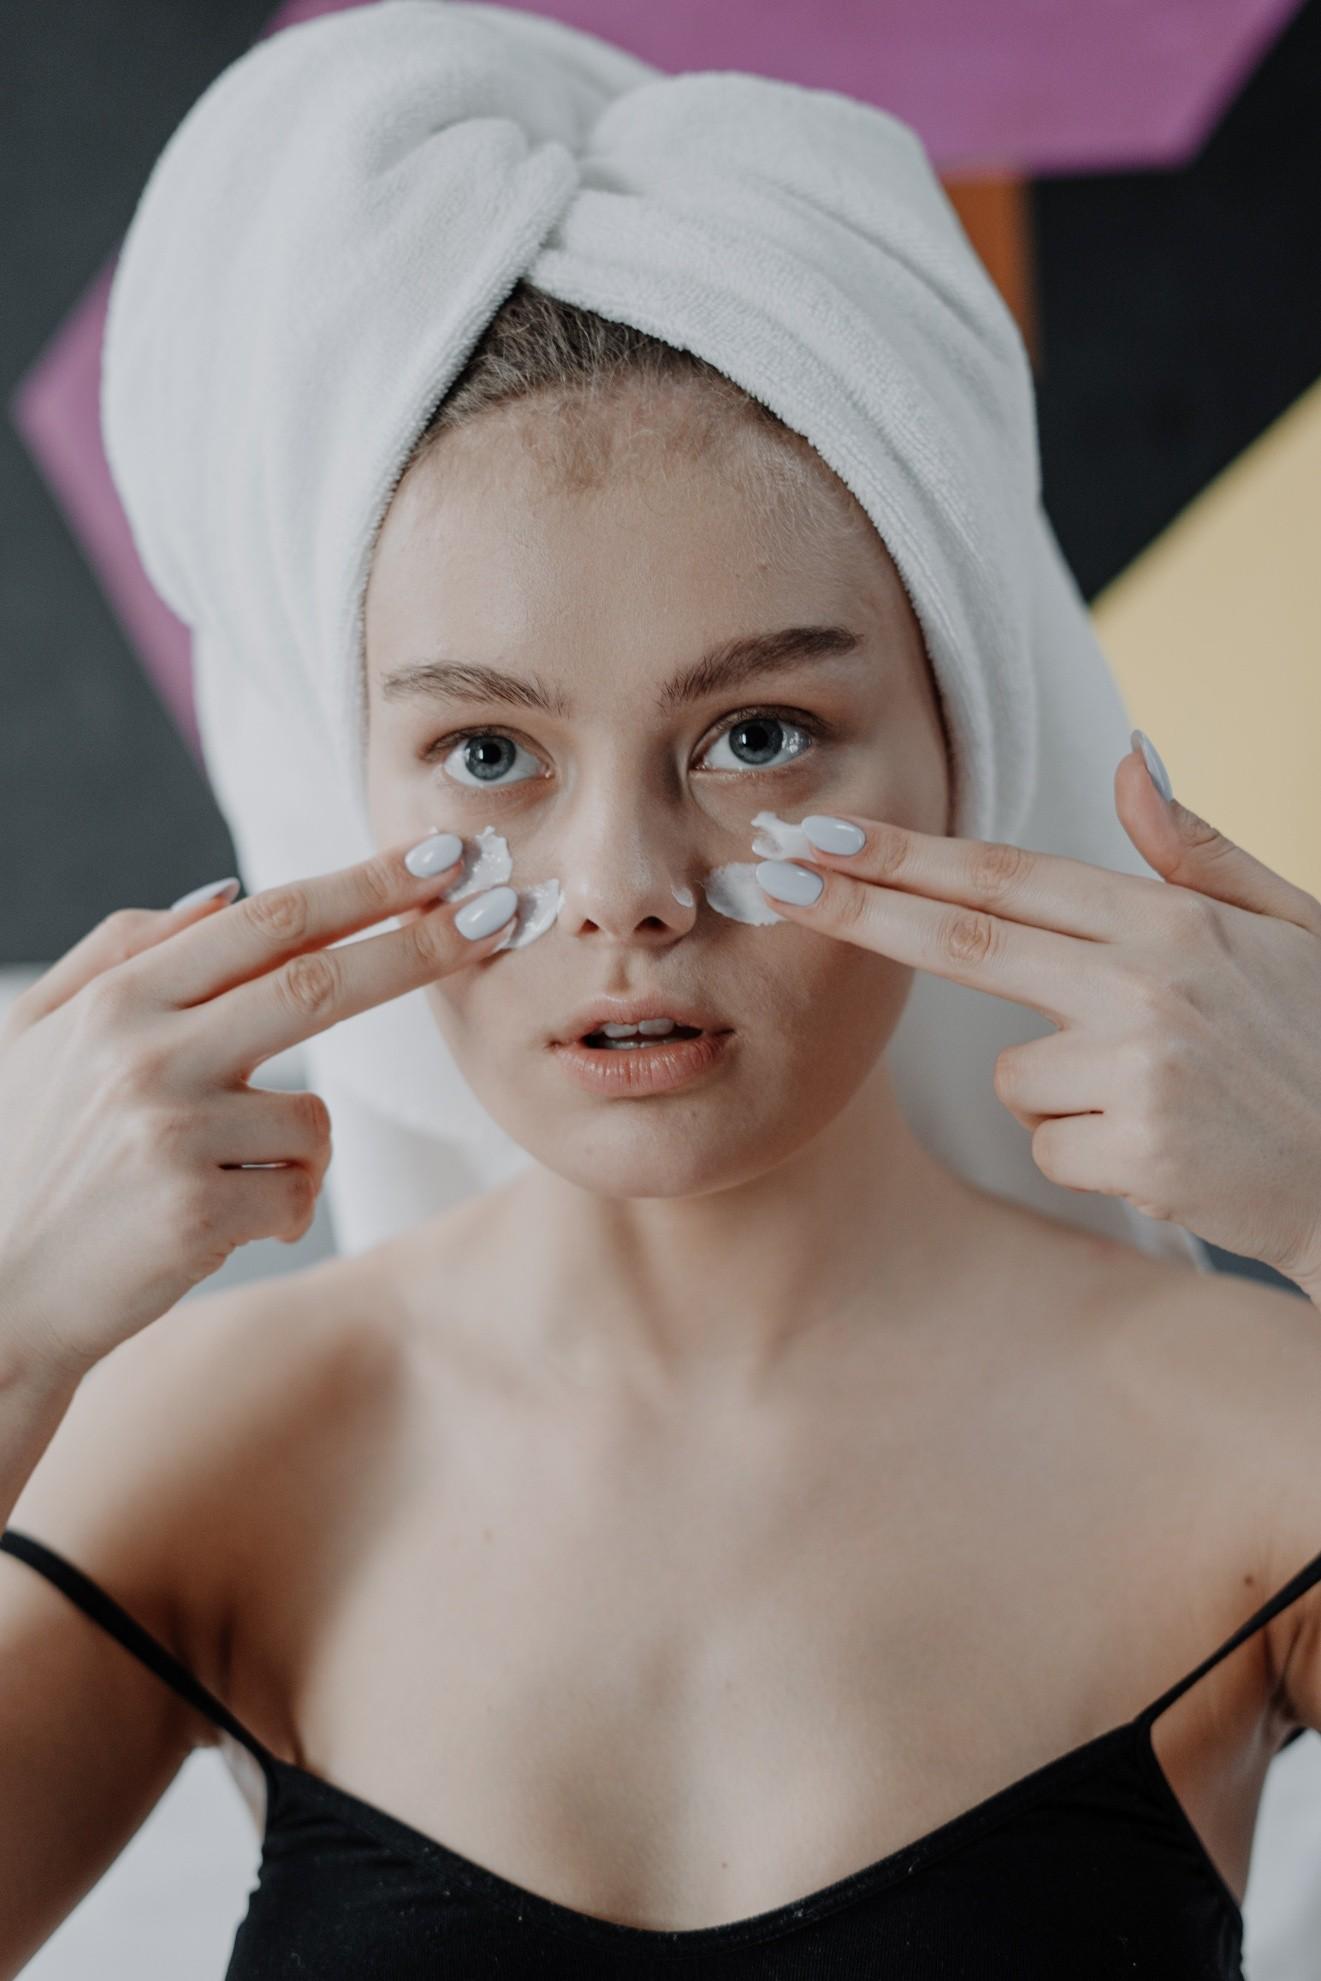 bleaching cream on dark circles of women's eye